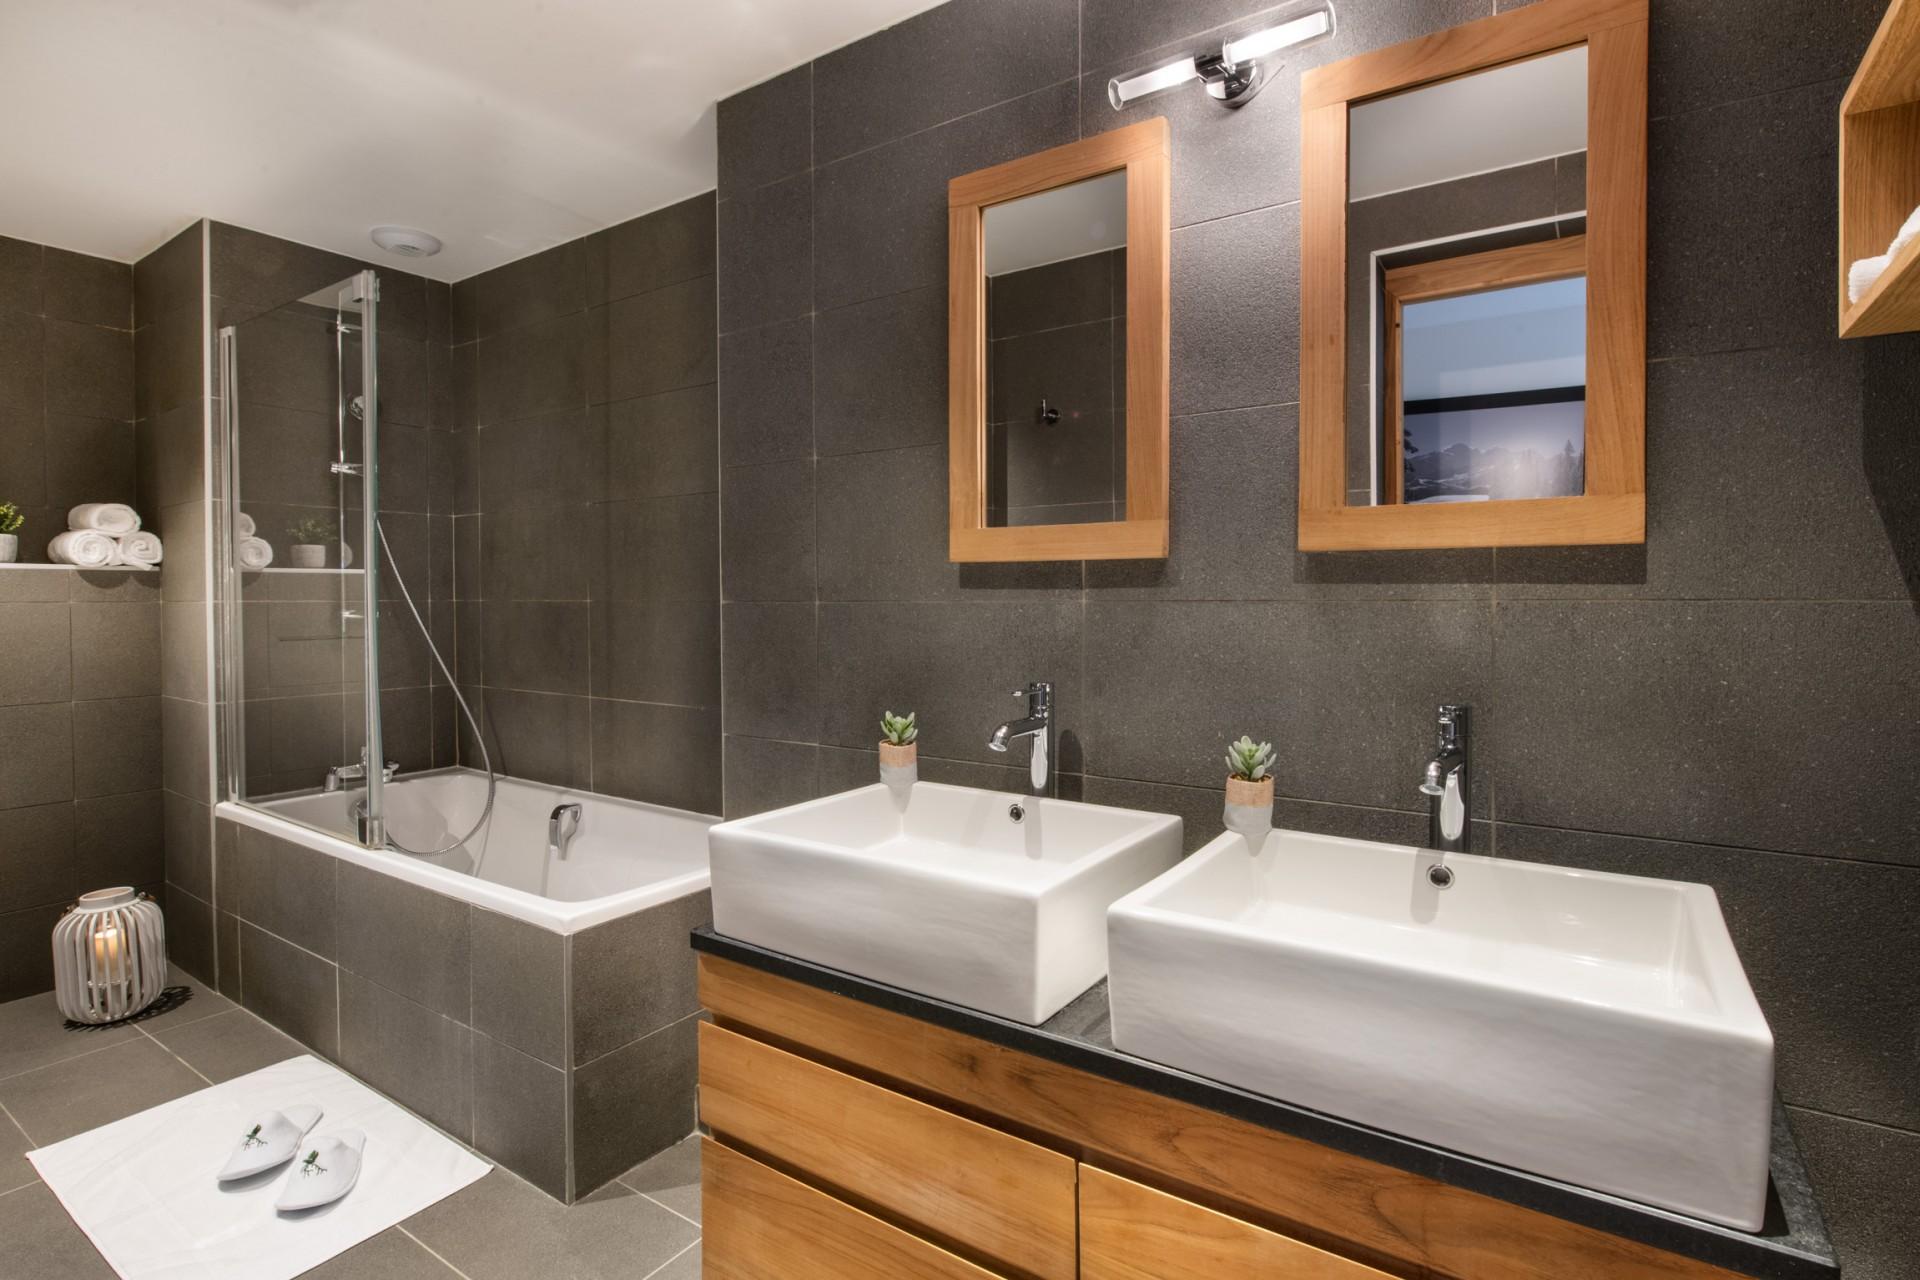 Courchevel 1650 Location Appartement Luxe Allanite Salle De Bain 3